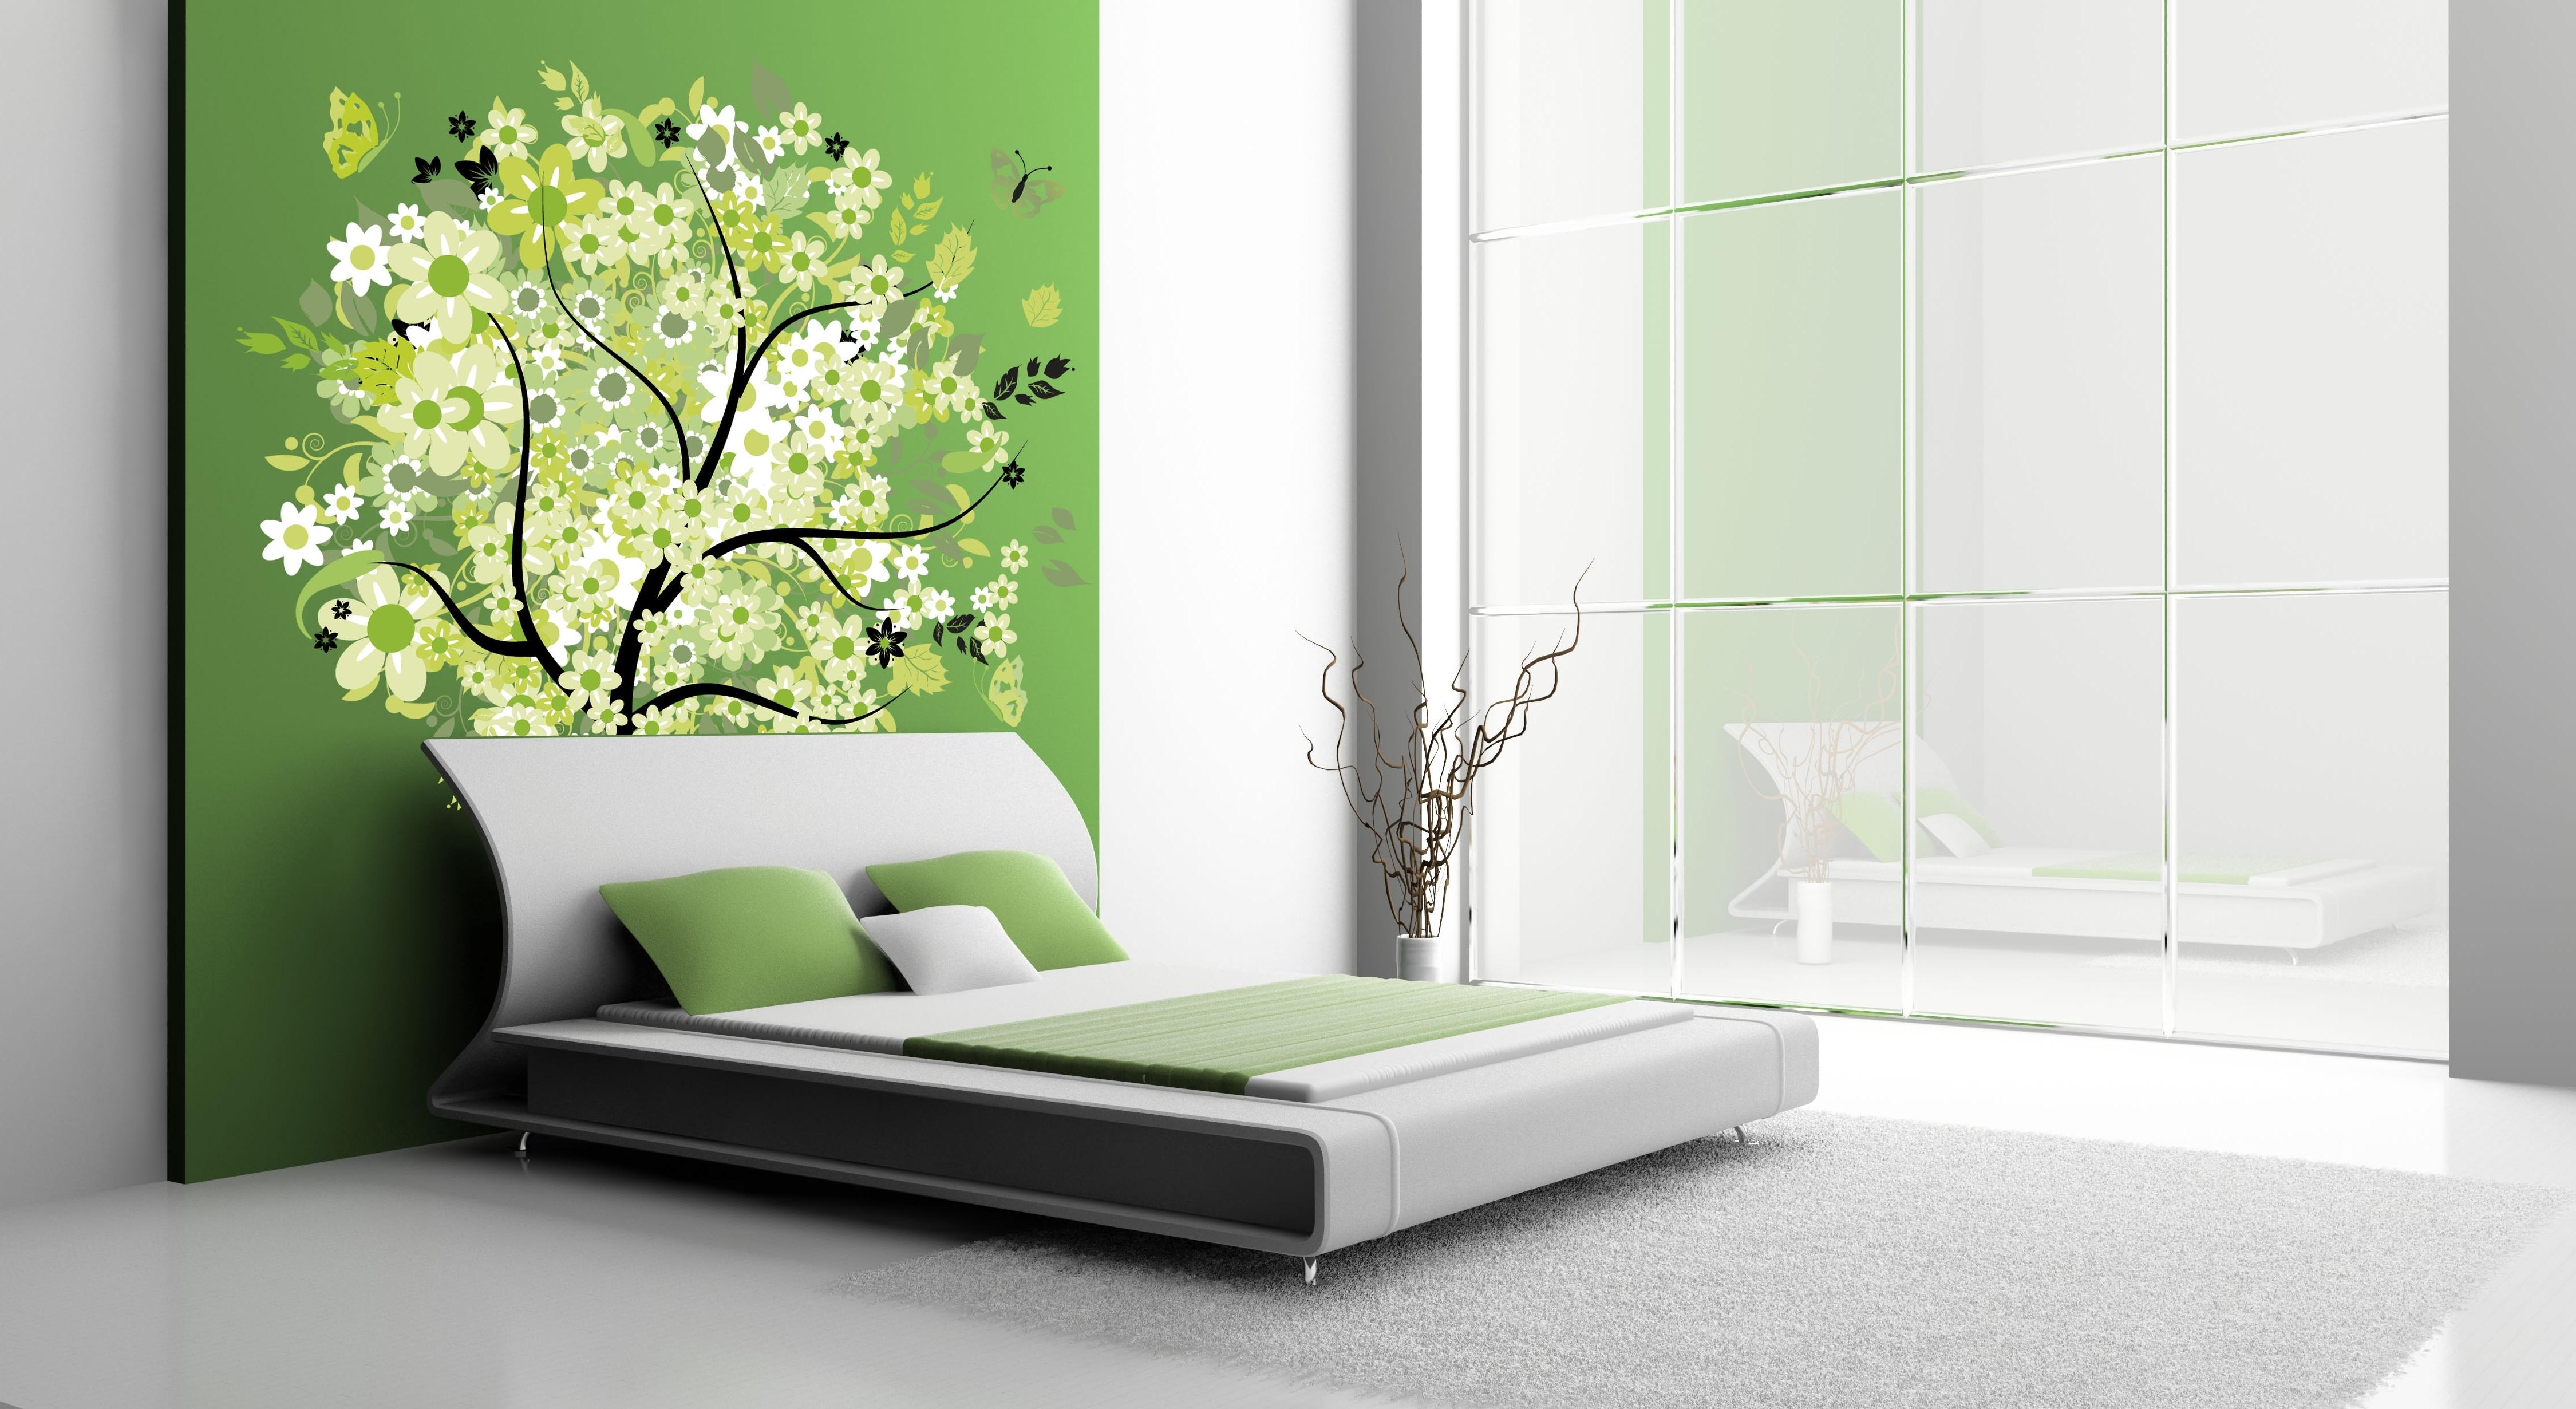 Bedroom: Trendy Bedroom Wall Design. Cheap Bedroom (View 6 of 15)